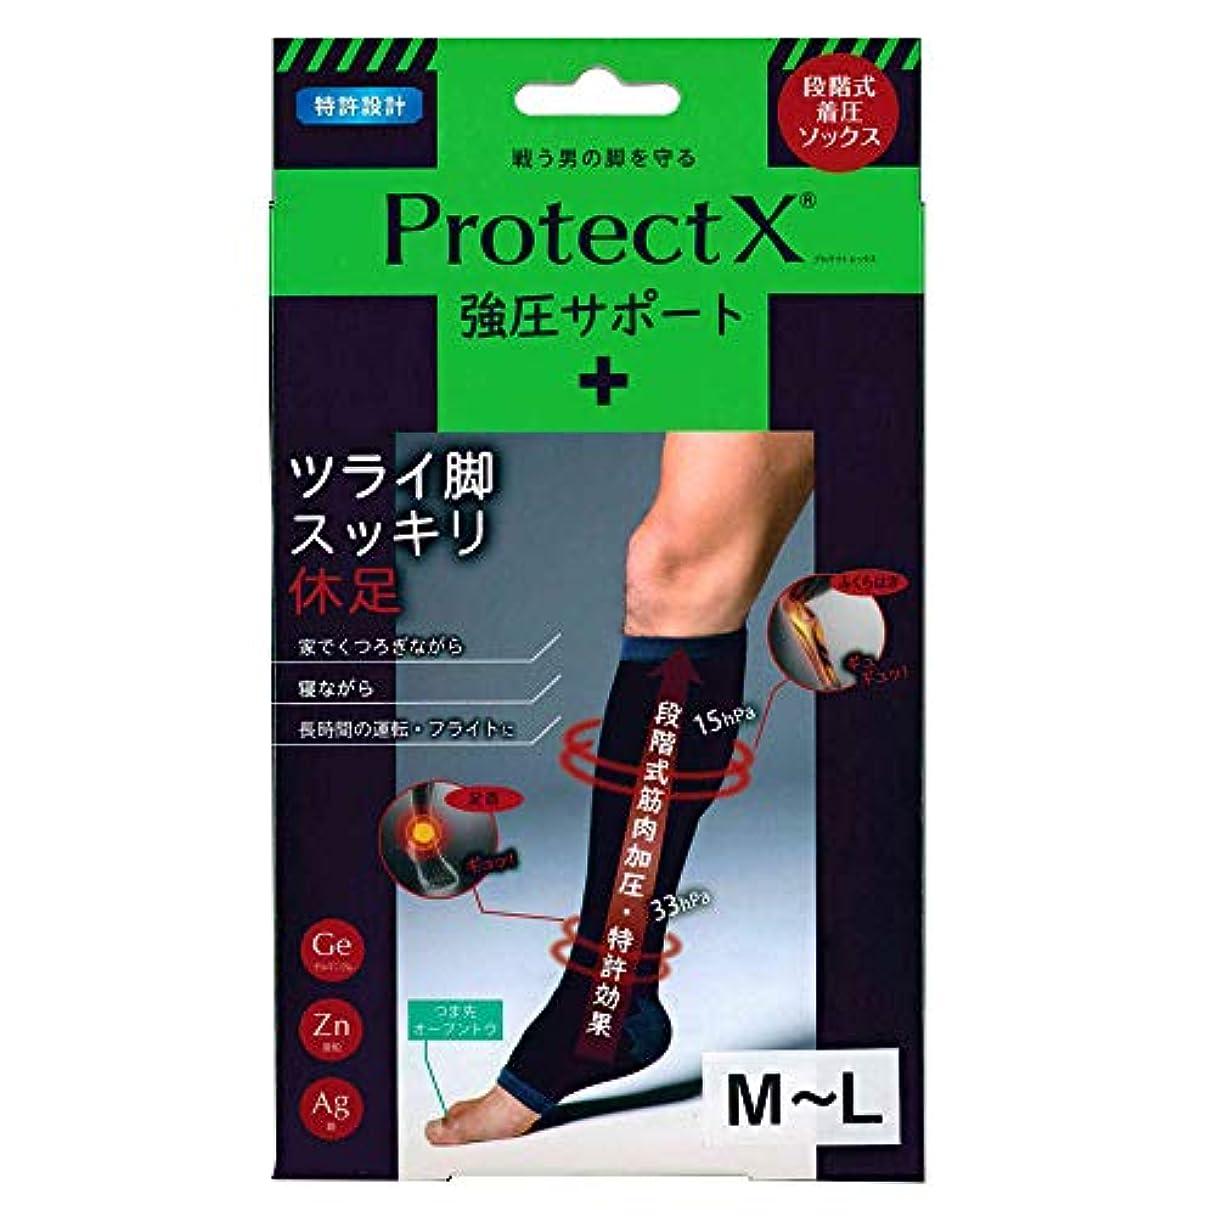 リア王登る市の花Protect X(プロテクトエックス) 強圧サポート オープントゥ着圧ソックス 膝下 (膝下M-L)